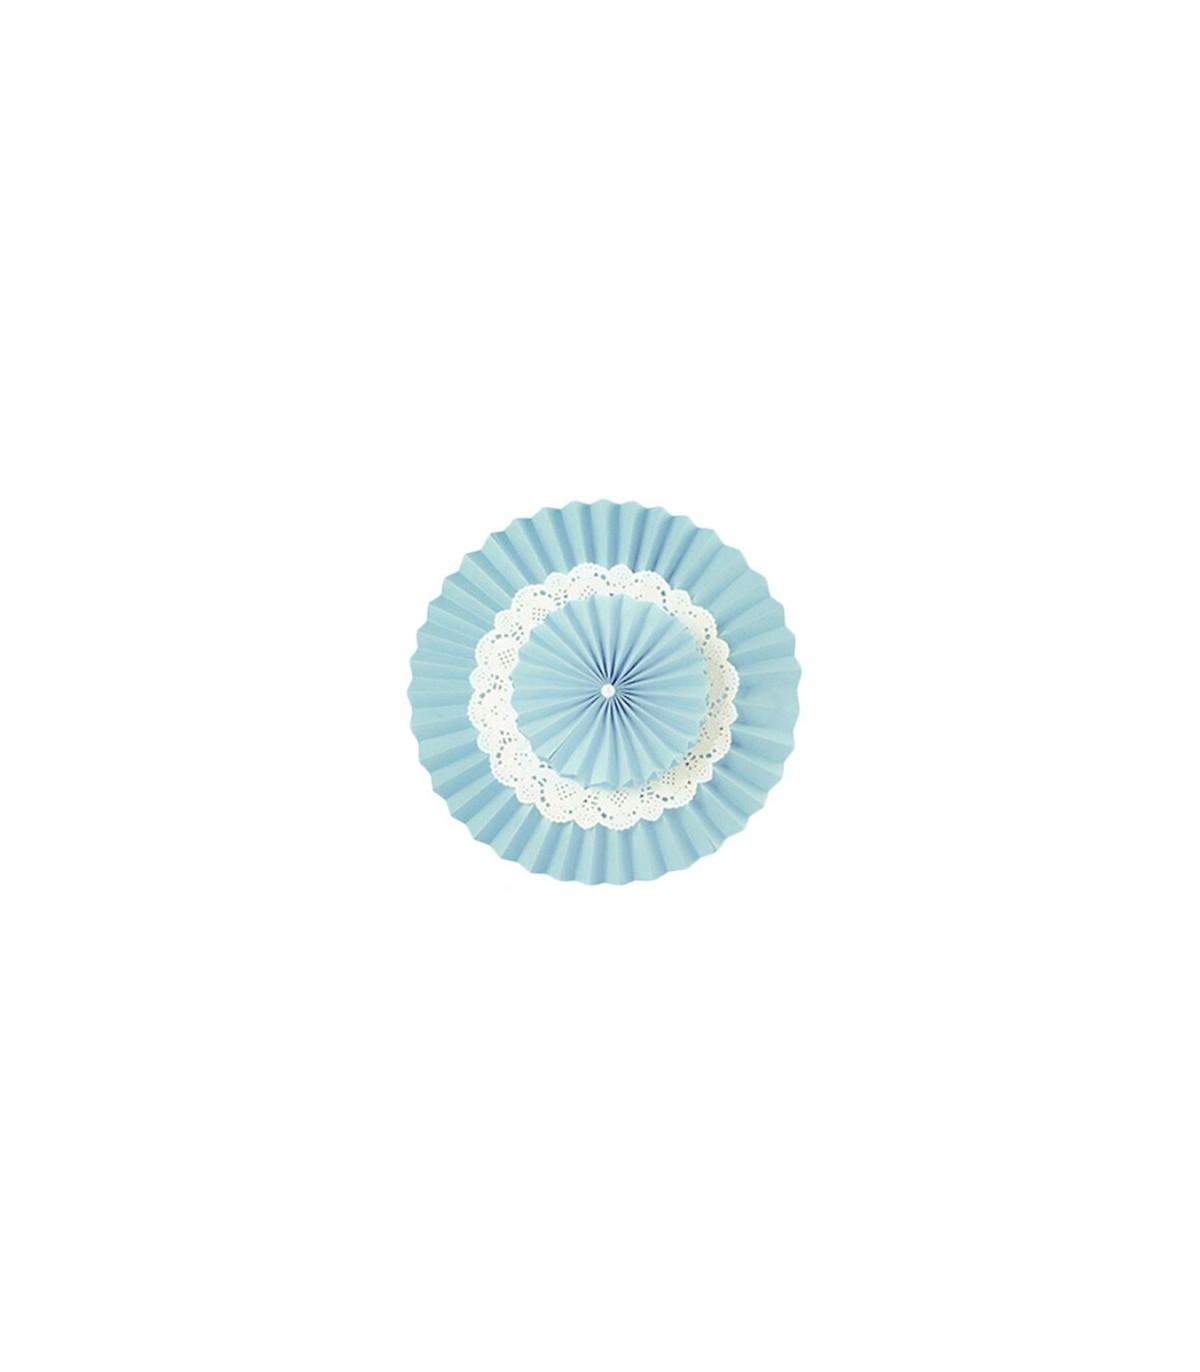 Couleur Avec Bleu Ciel double rosace bleu ciel en papier avec napperon en dentelle